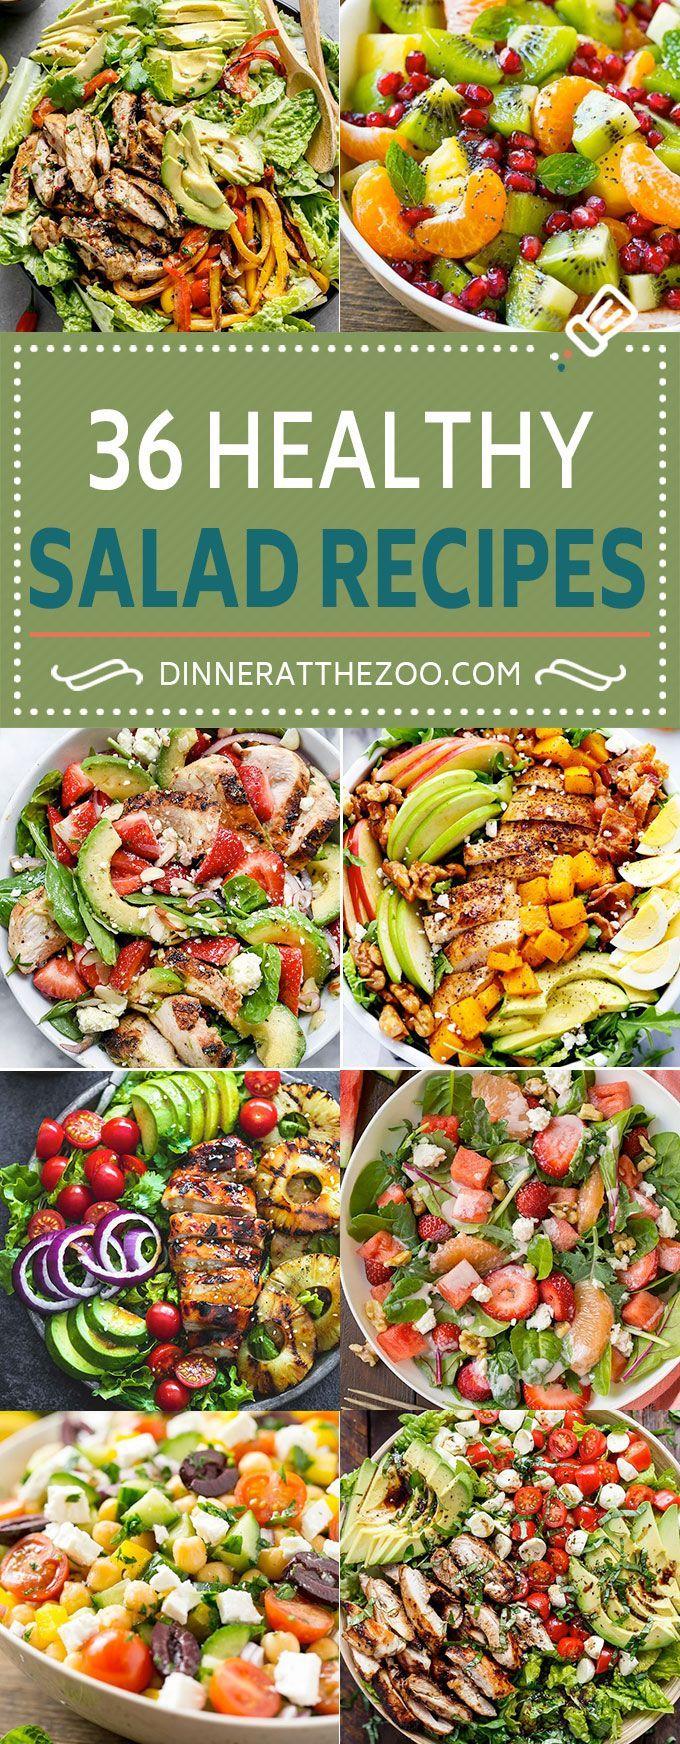 Diese gesunden Salatrezepte sind perfekt für alle, die ein bisschen mehr hinzufügen möchten ... #alle #bisschen #die #diese #Ein #für #gesunden #hinzufugen #mehr #mochten #perfekt #salatrezepte #sind #fruitsalad